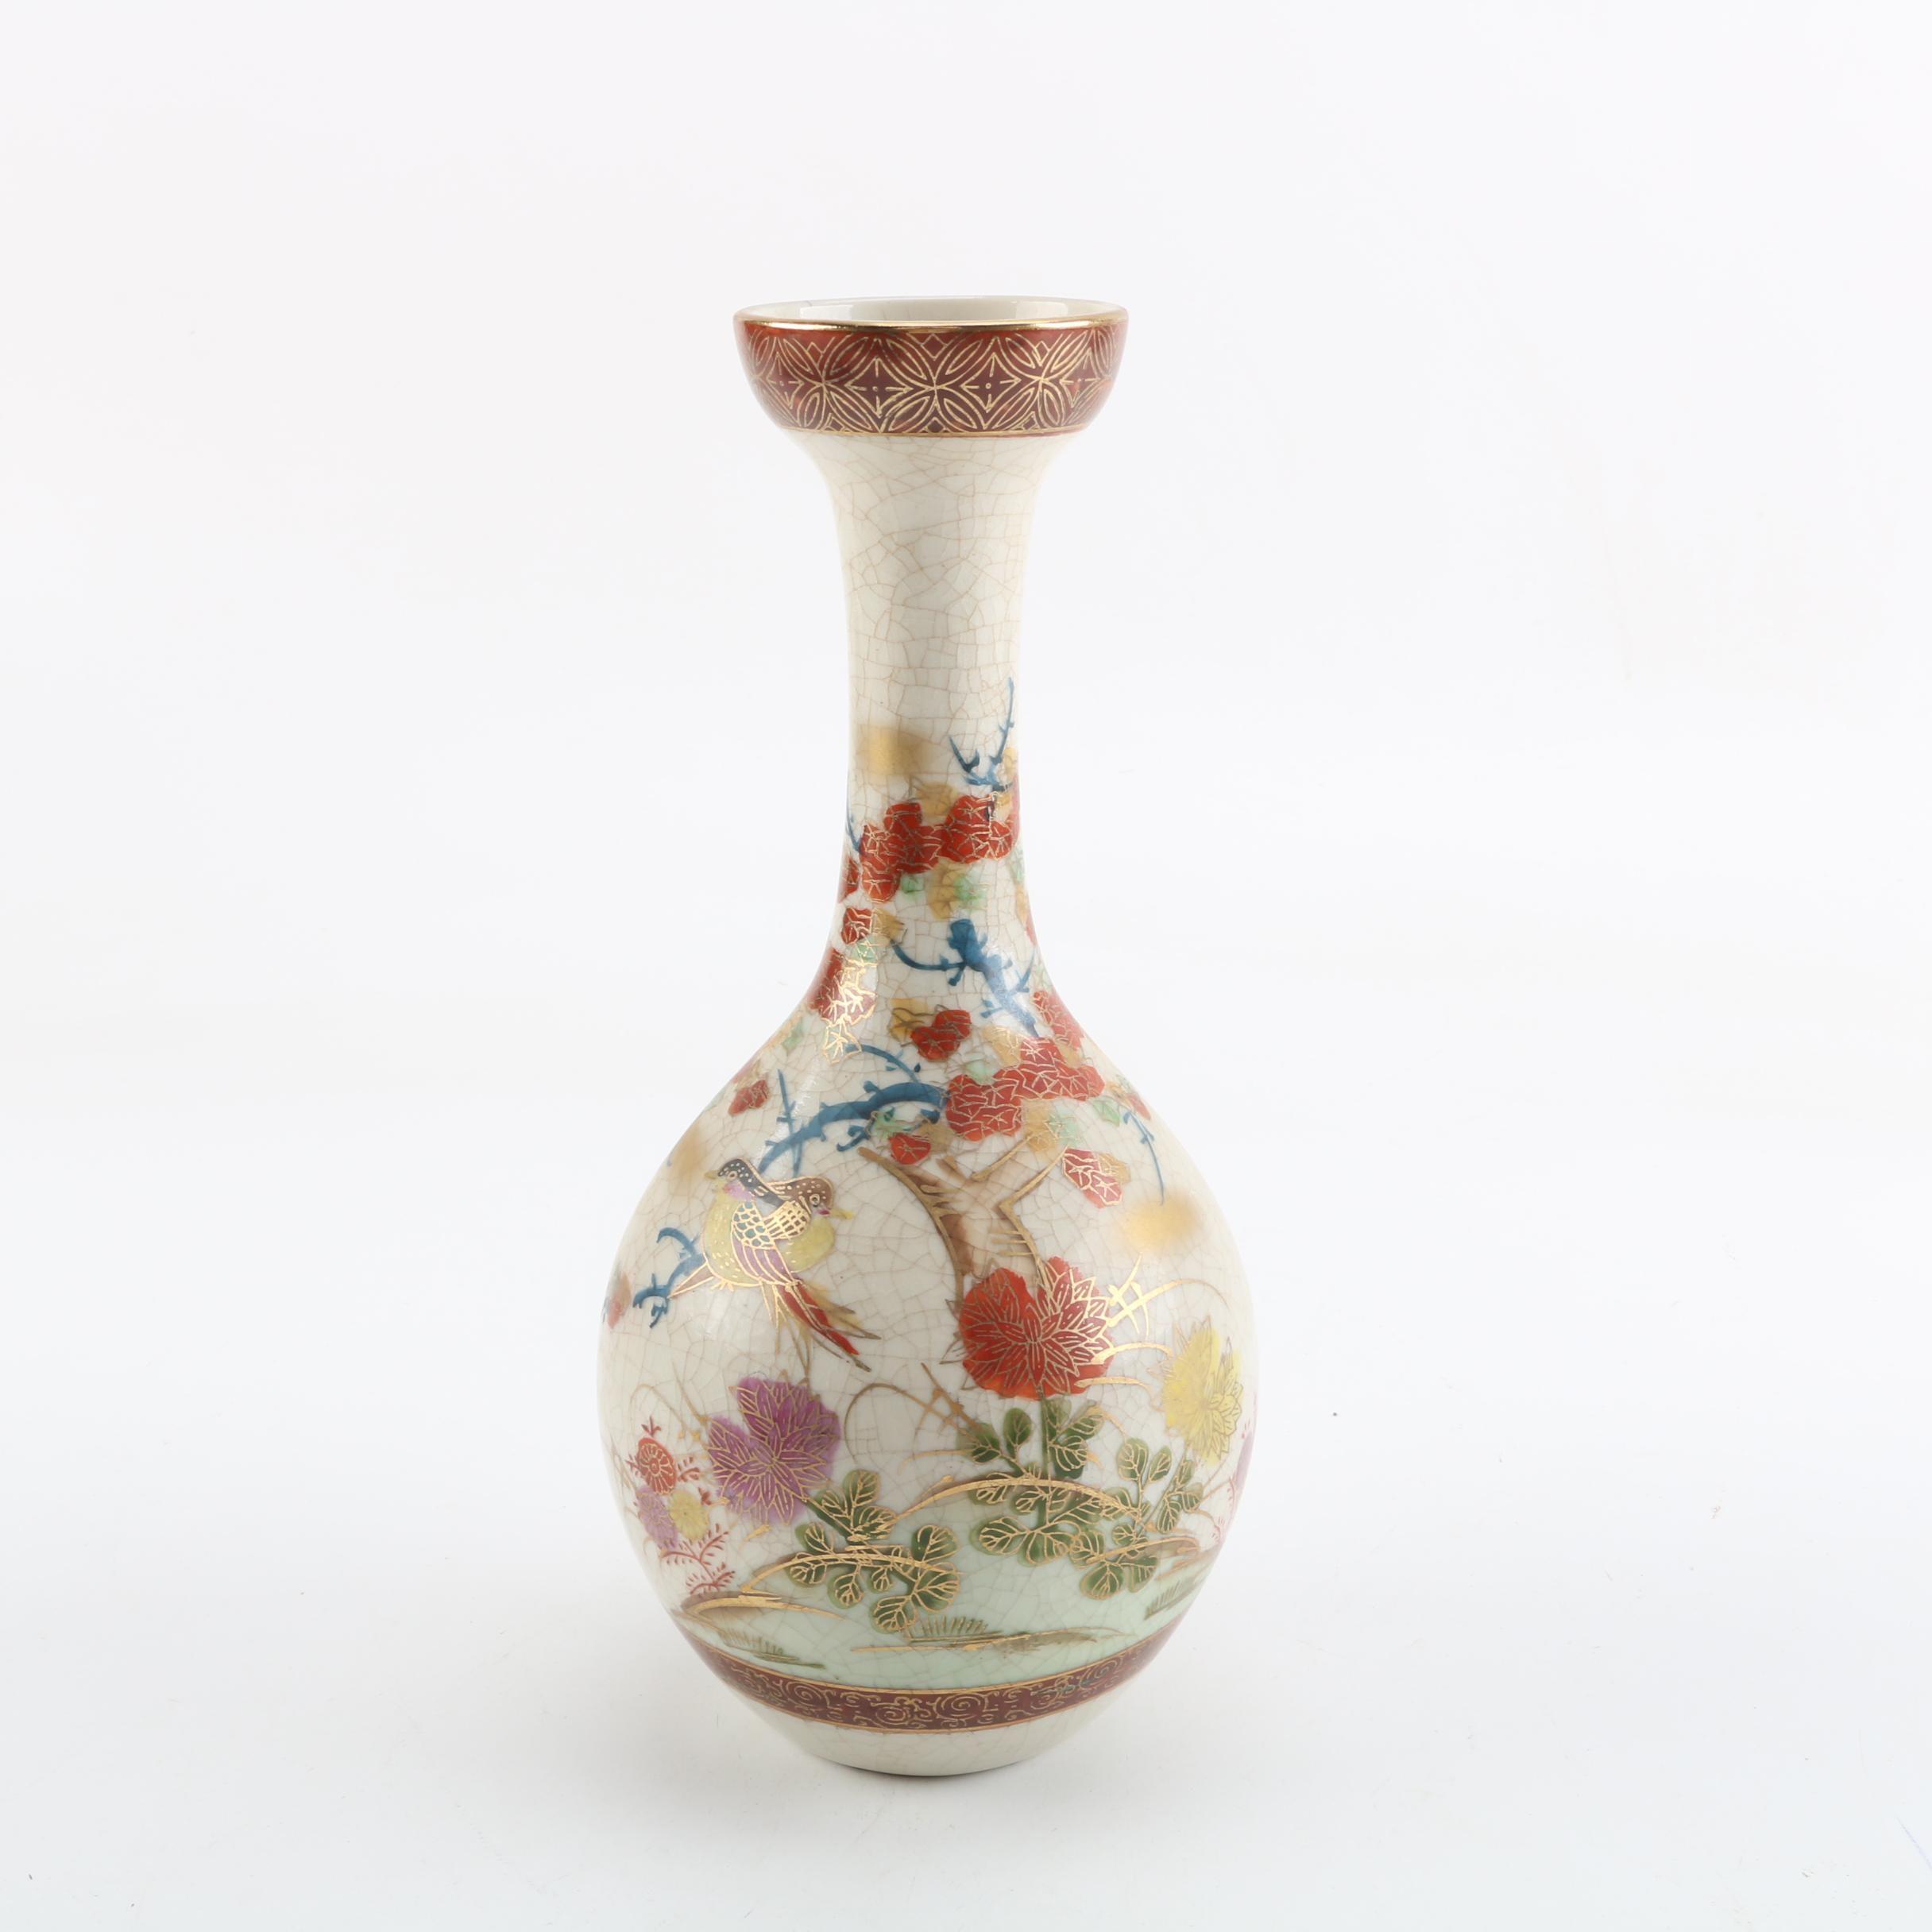 Japanese Satsuma Hand-Painted Stoneware Vase